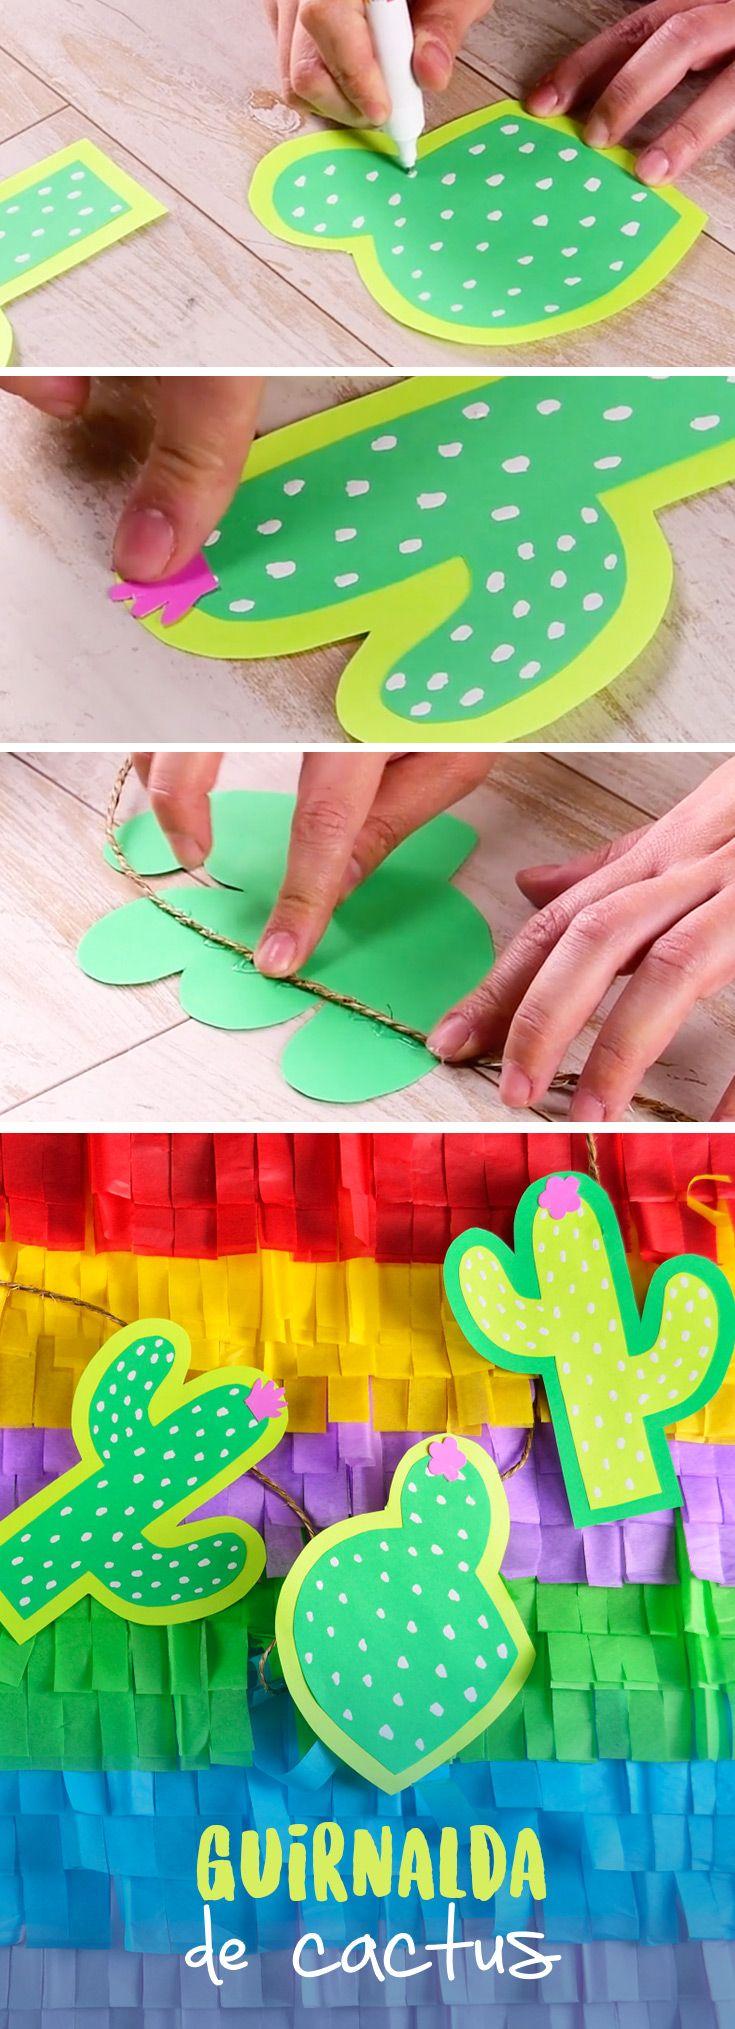 Decora tu próxima fiesta con esta guirnalda de cactus que hará que luzca espectacular. Te sorprenderán los resultados, es ideal para decorar cualquier espacio.